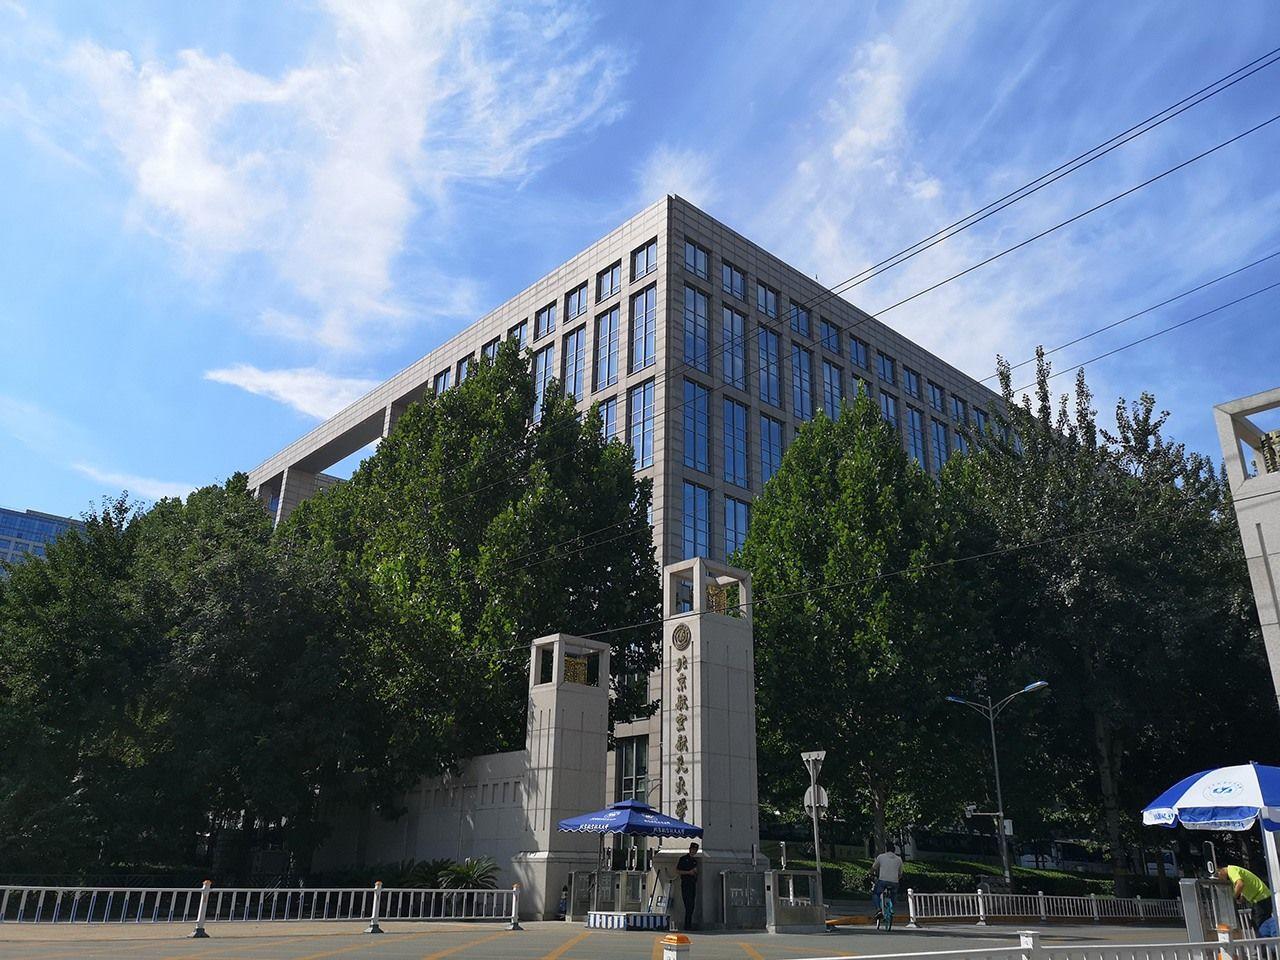 Пекинский университет авиации и космонавтики (Фотография Чжэн Цзе)